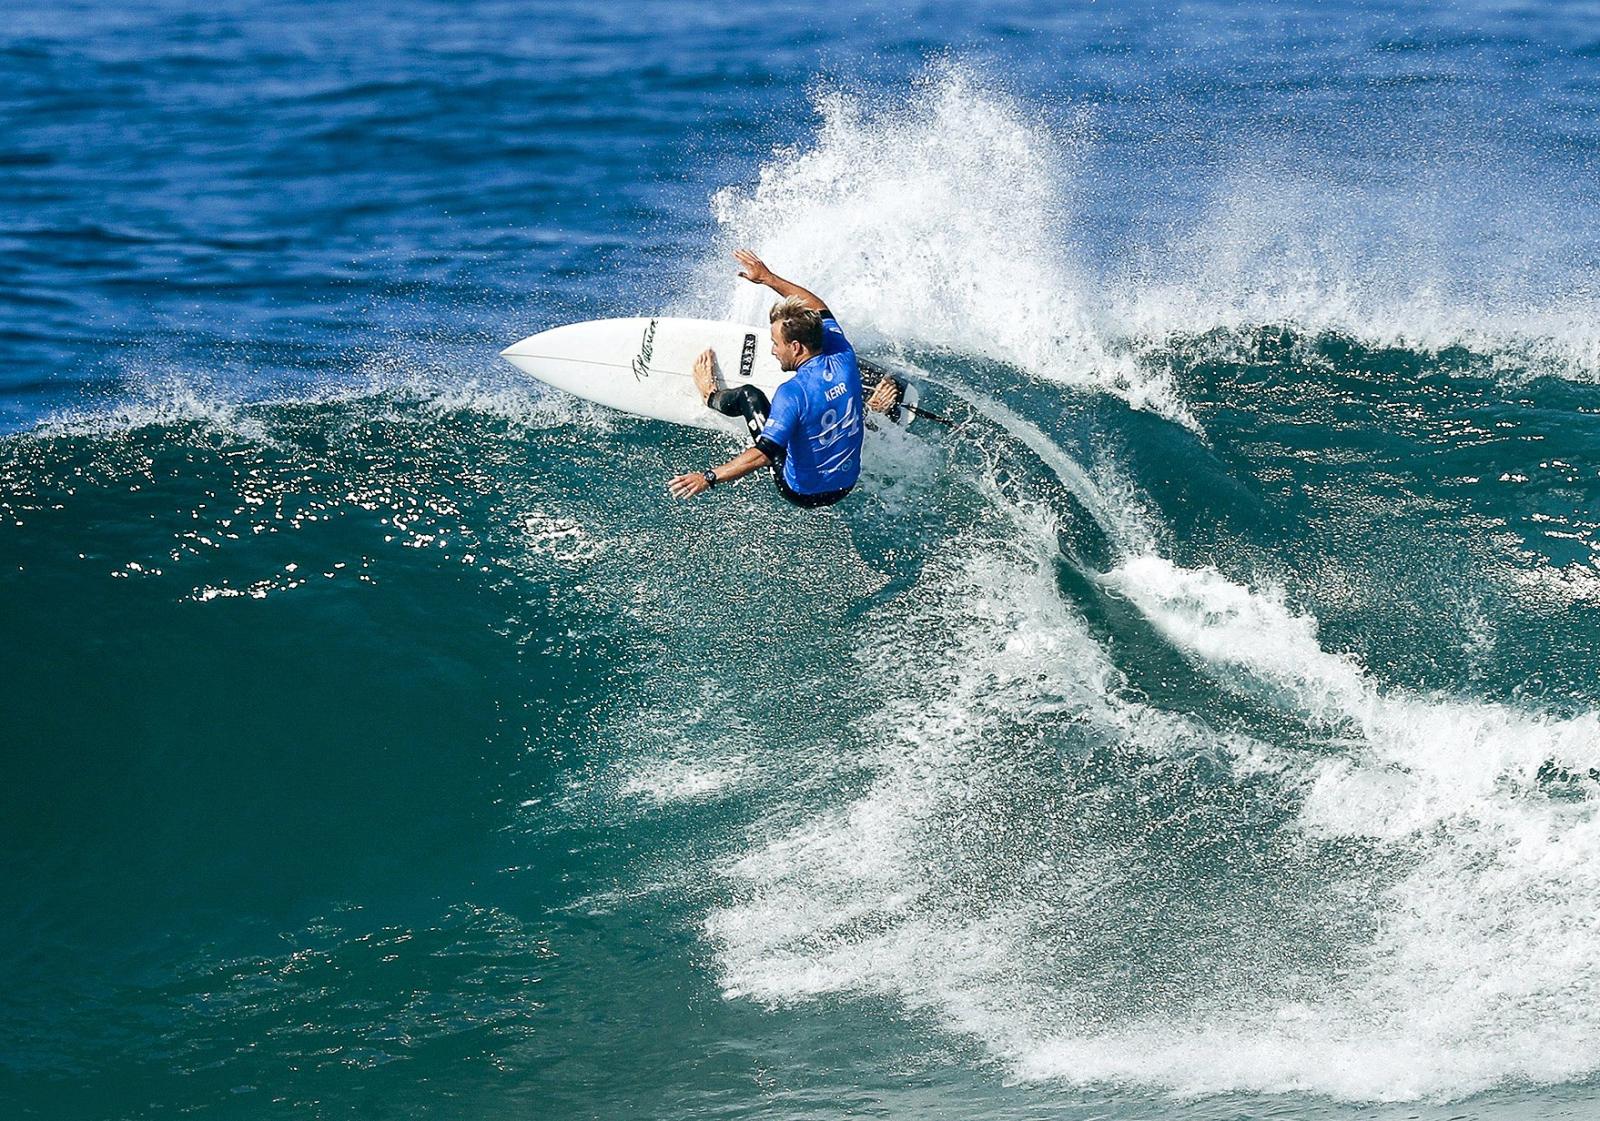 Rio de Janeiro, Surf League. fot. EPA/DAMIEN POULLENOT - WSL